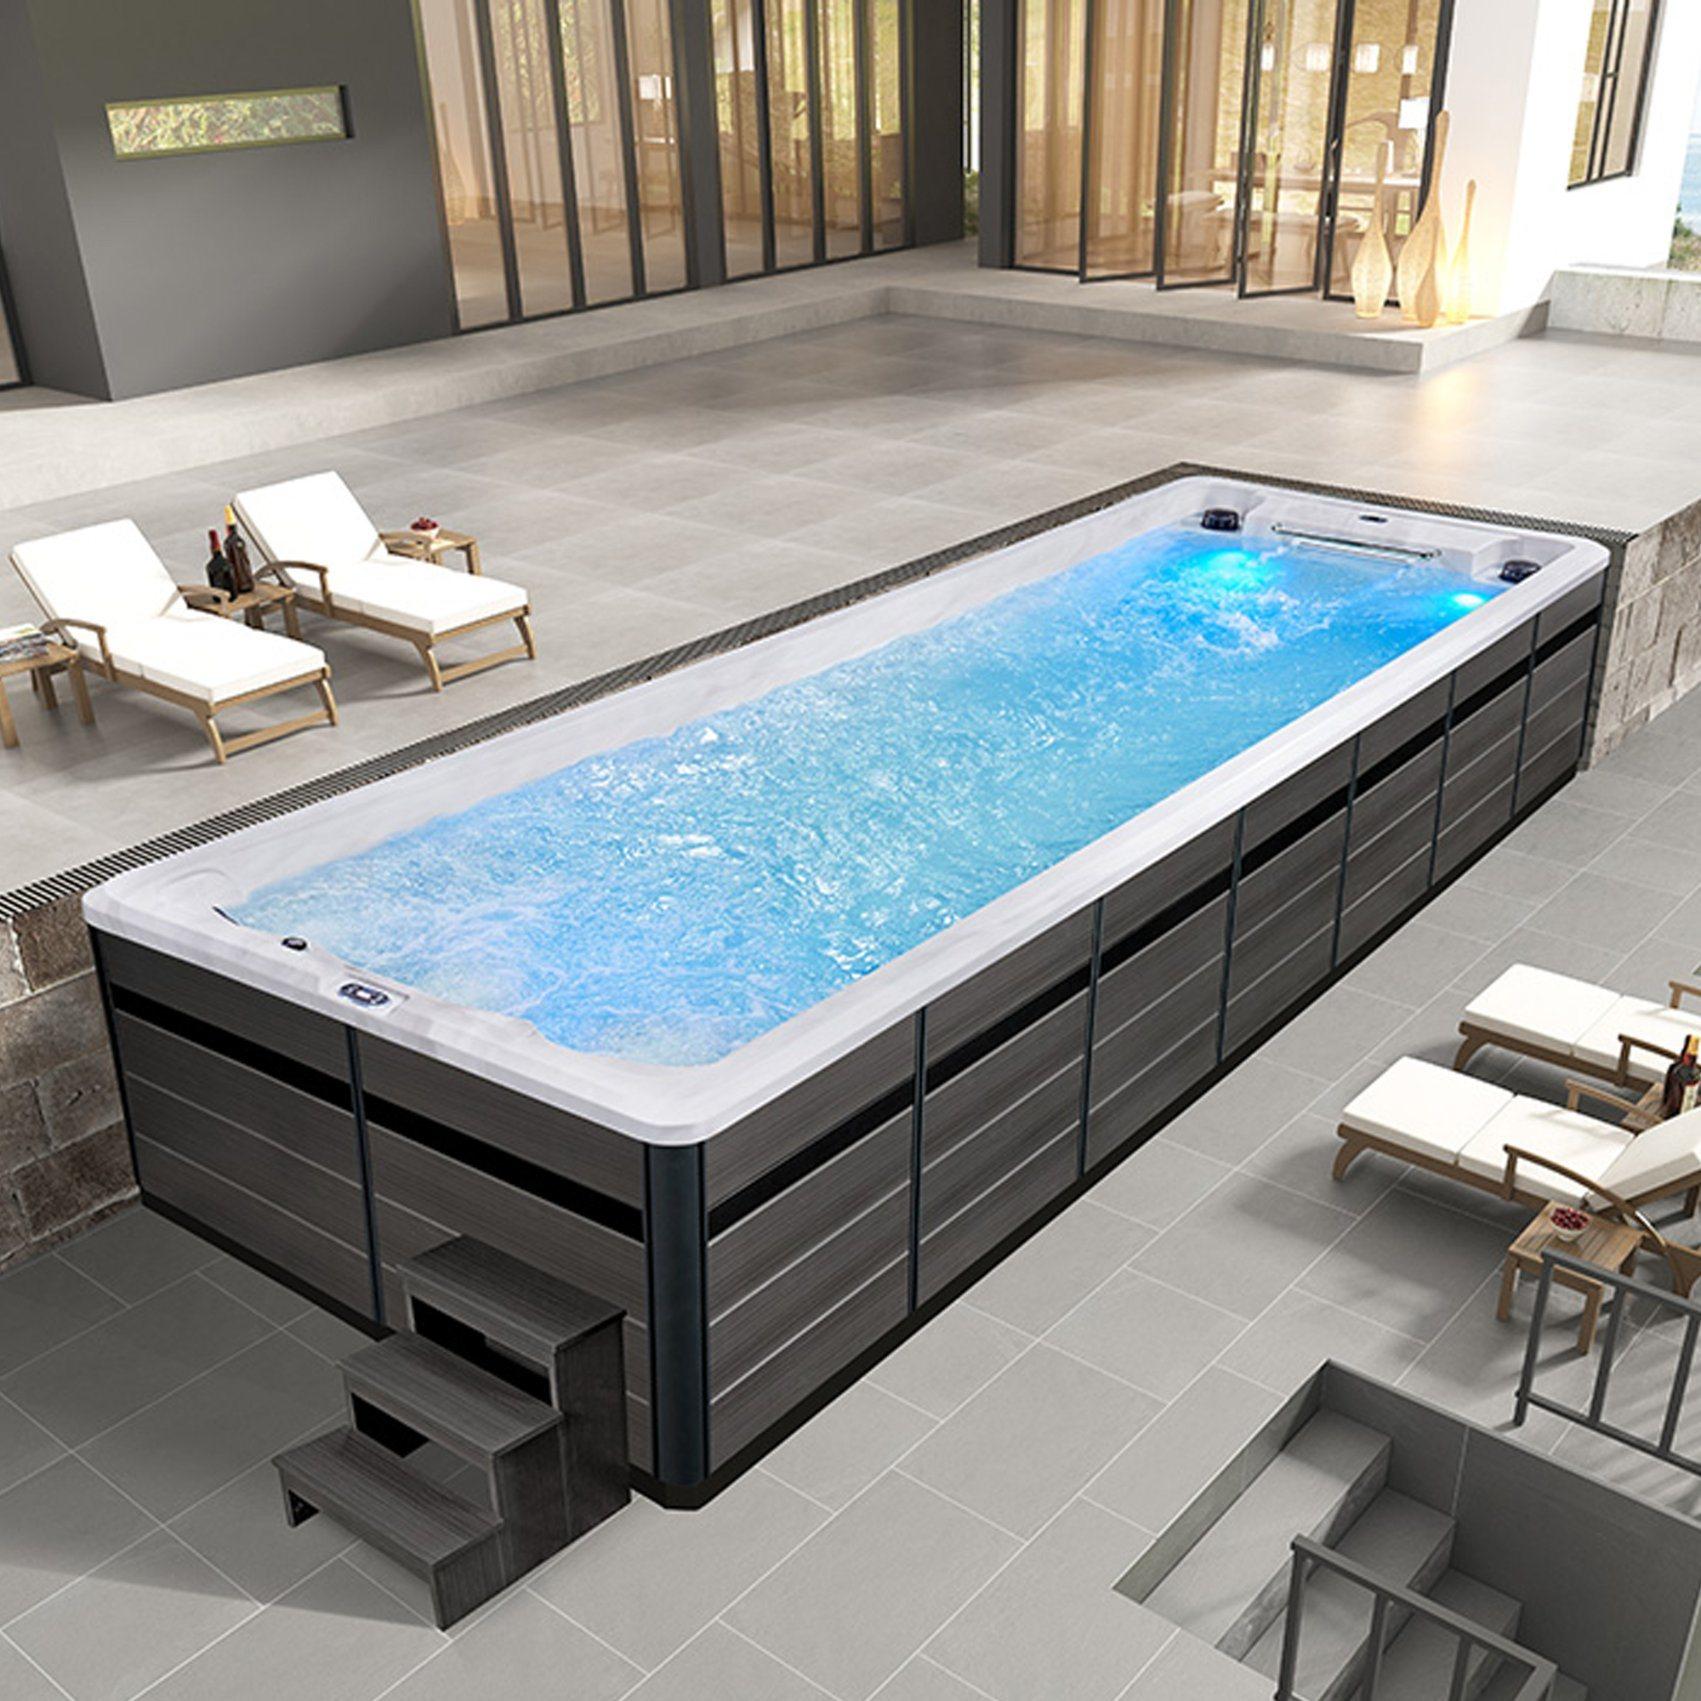 China Above Ground Long Inground Swimming Spa Pool 4 X 2 Designs China Pool And Swimming Pool Price